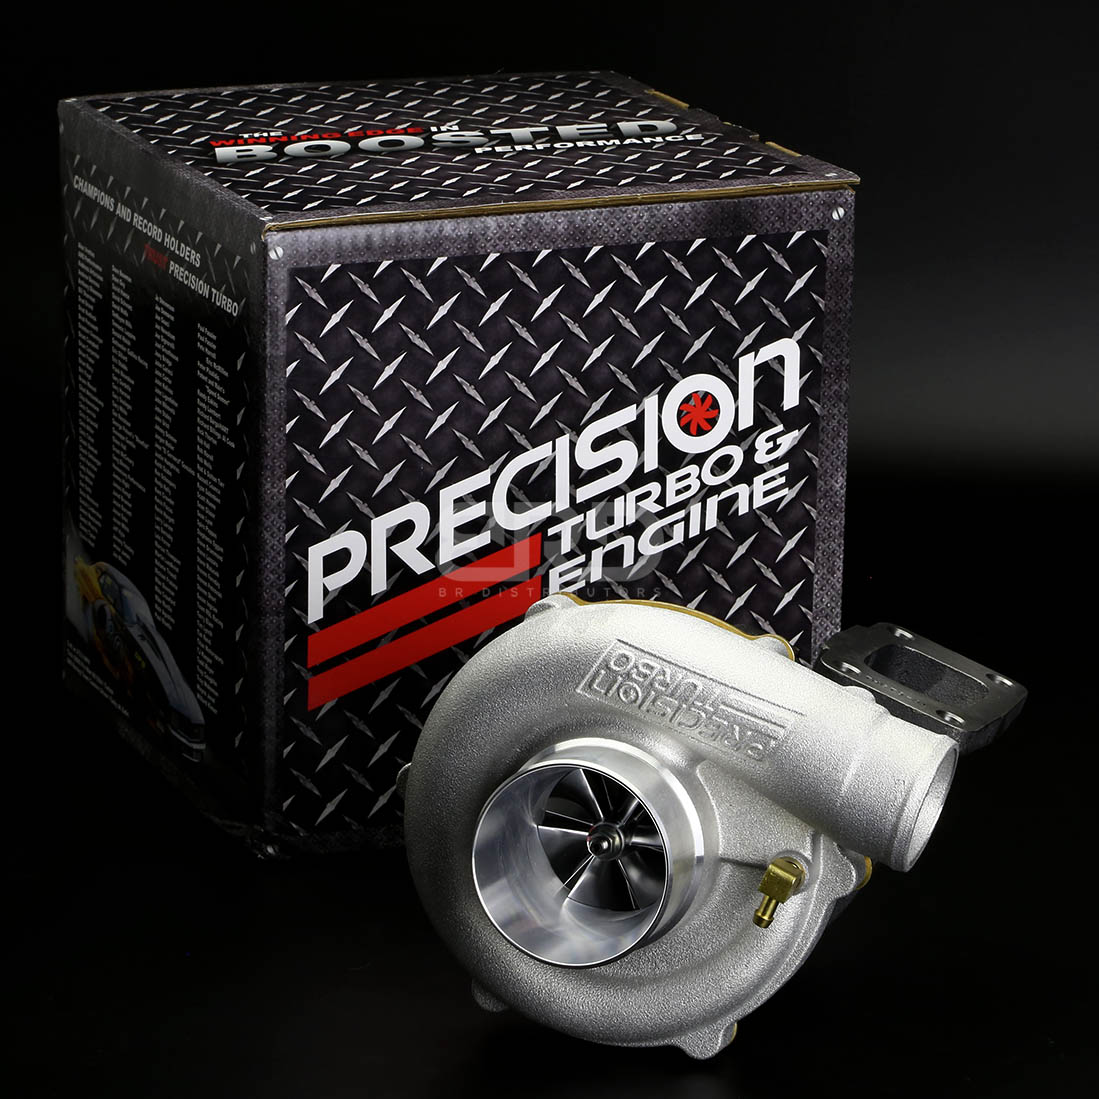 Ar Precision Turbo Vicenza: PRECISION PT5831 E MFS T3 TURBINE A/R.63 TURBO CHARGER 4